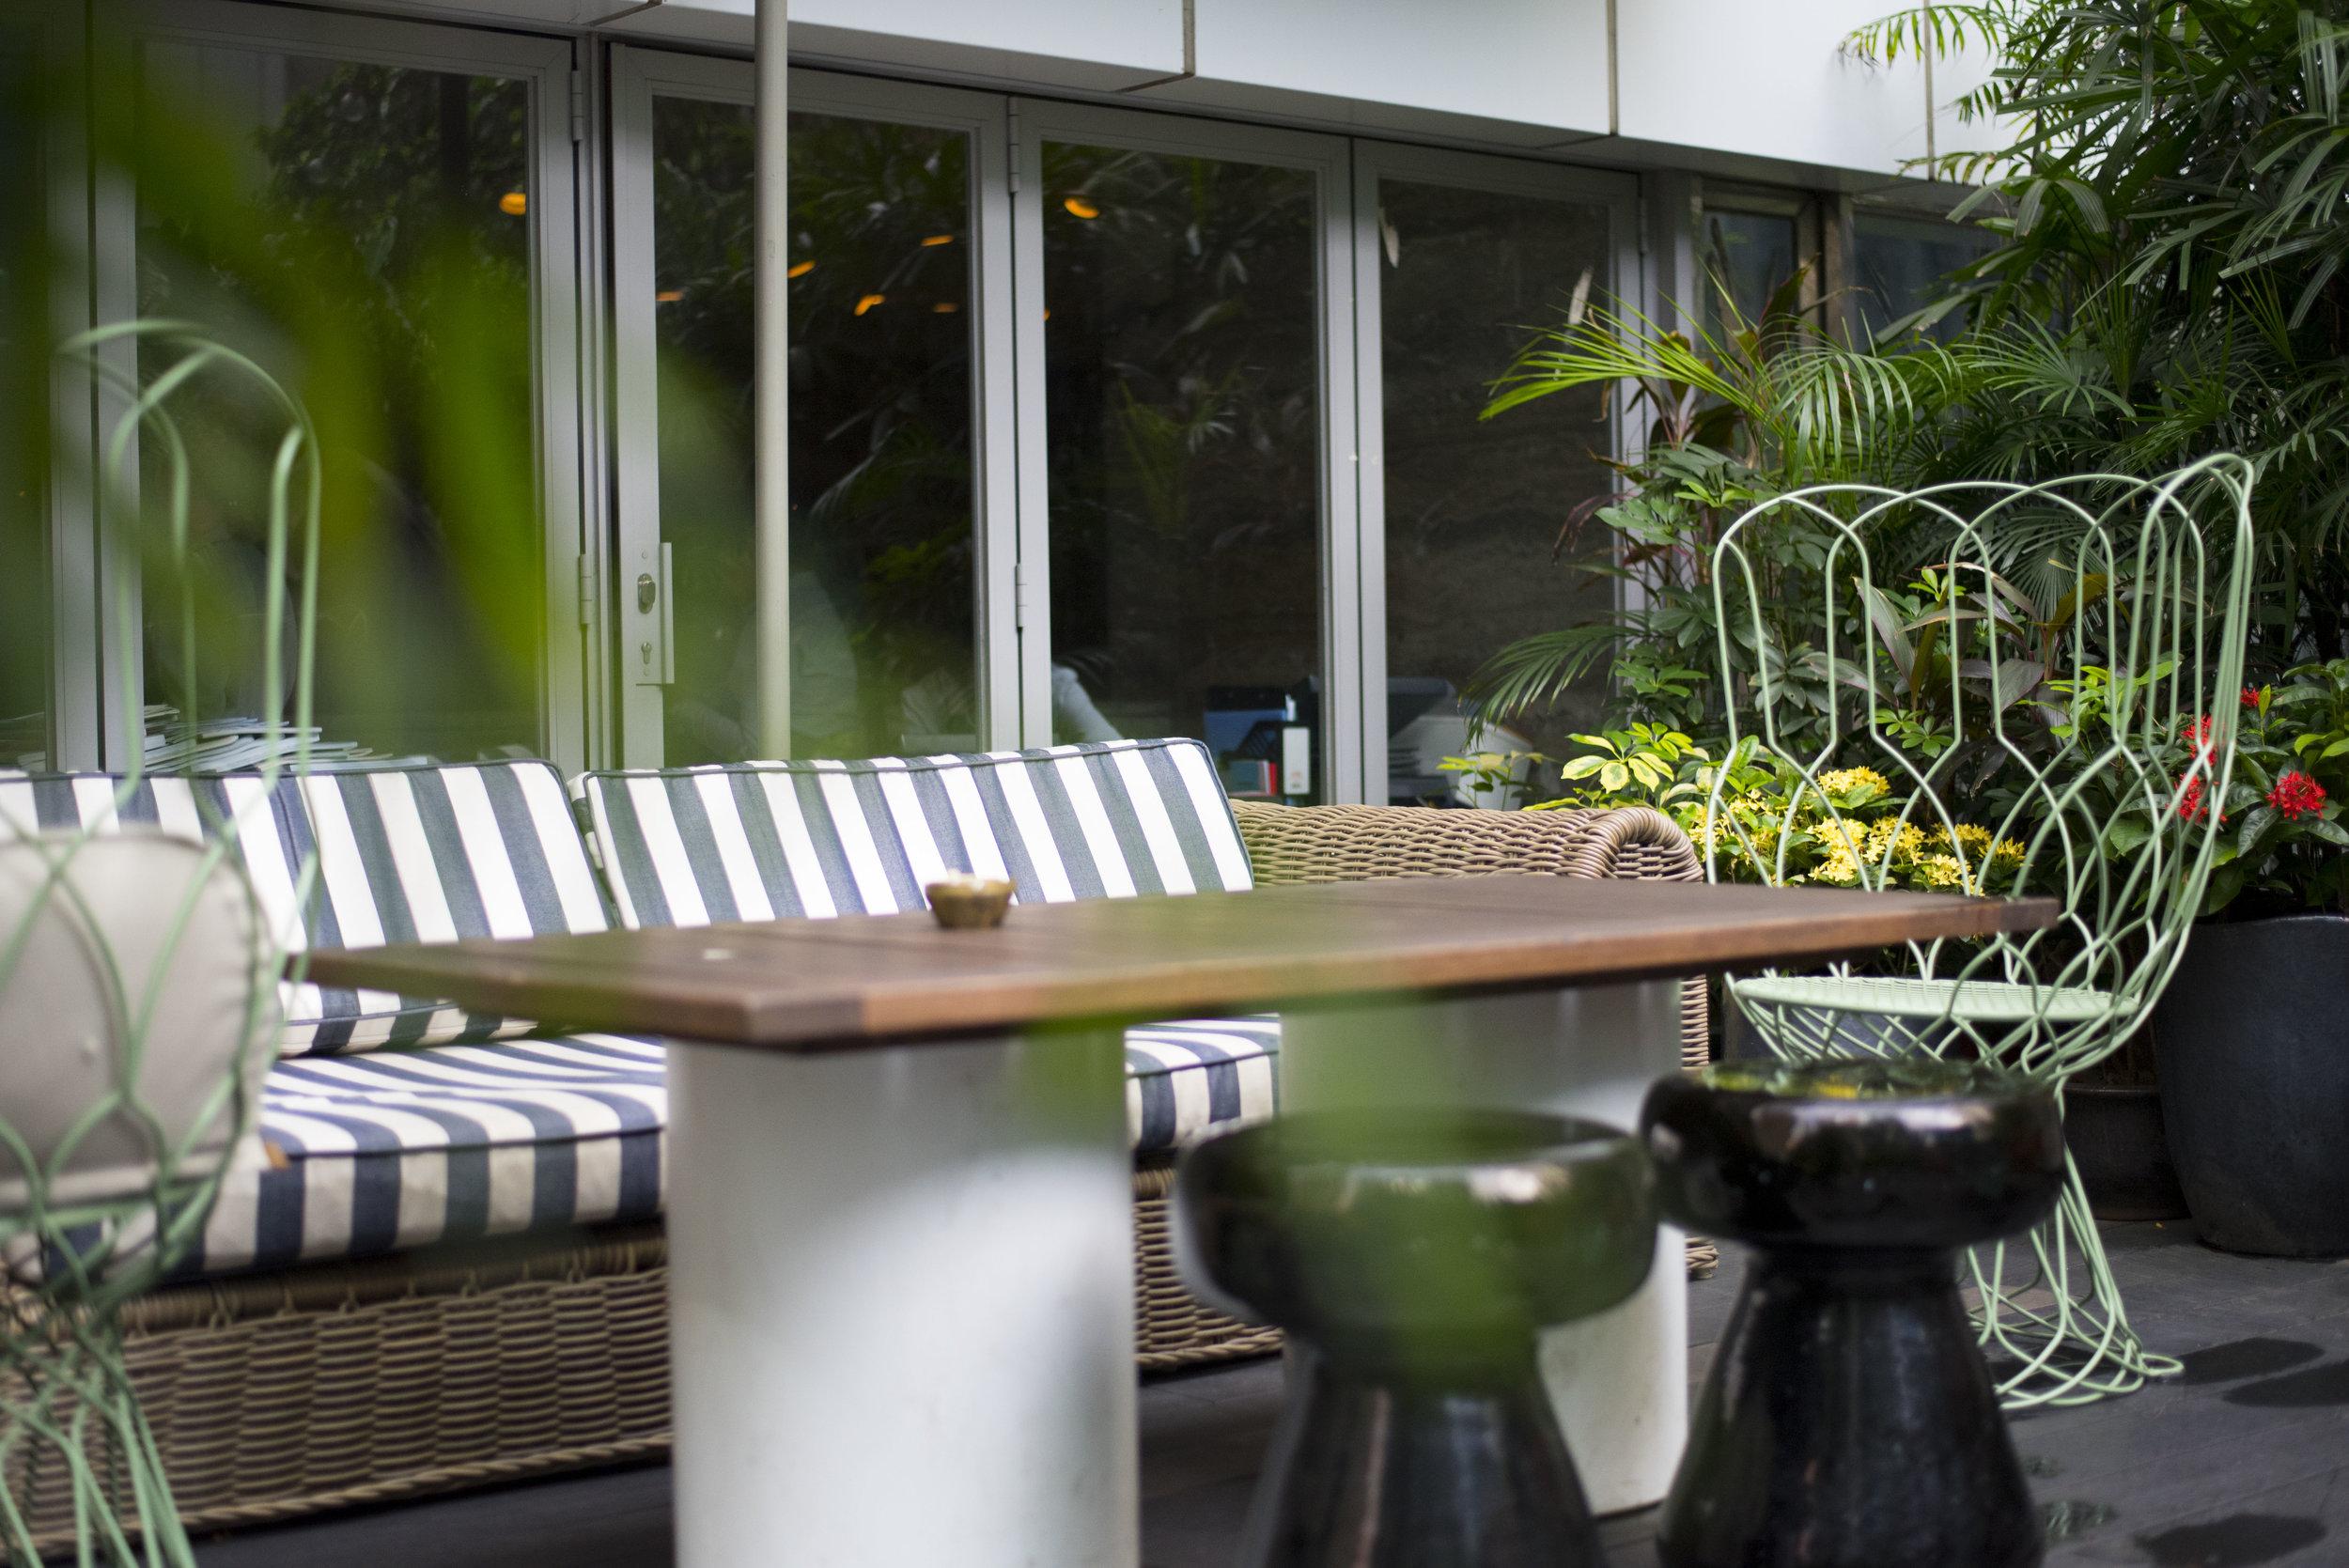 Pendulum Magazine - Duddell's Hong Kong Outdoor Terrace